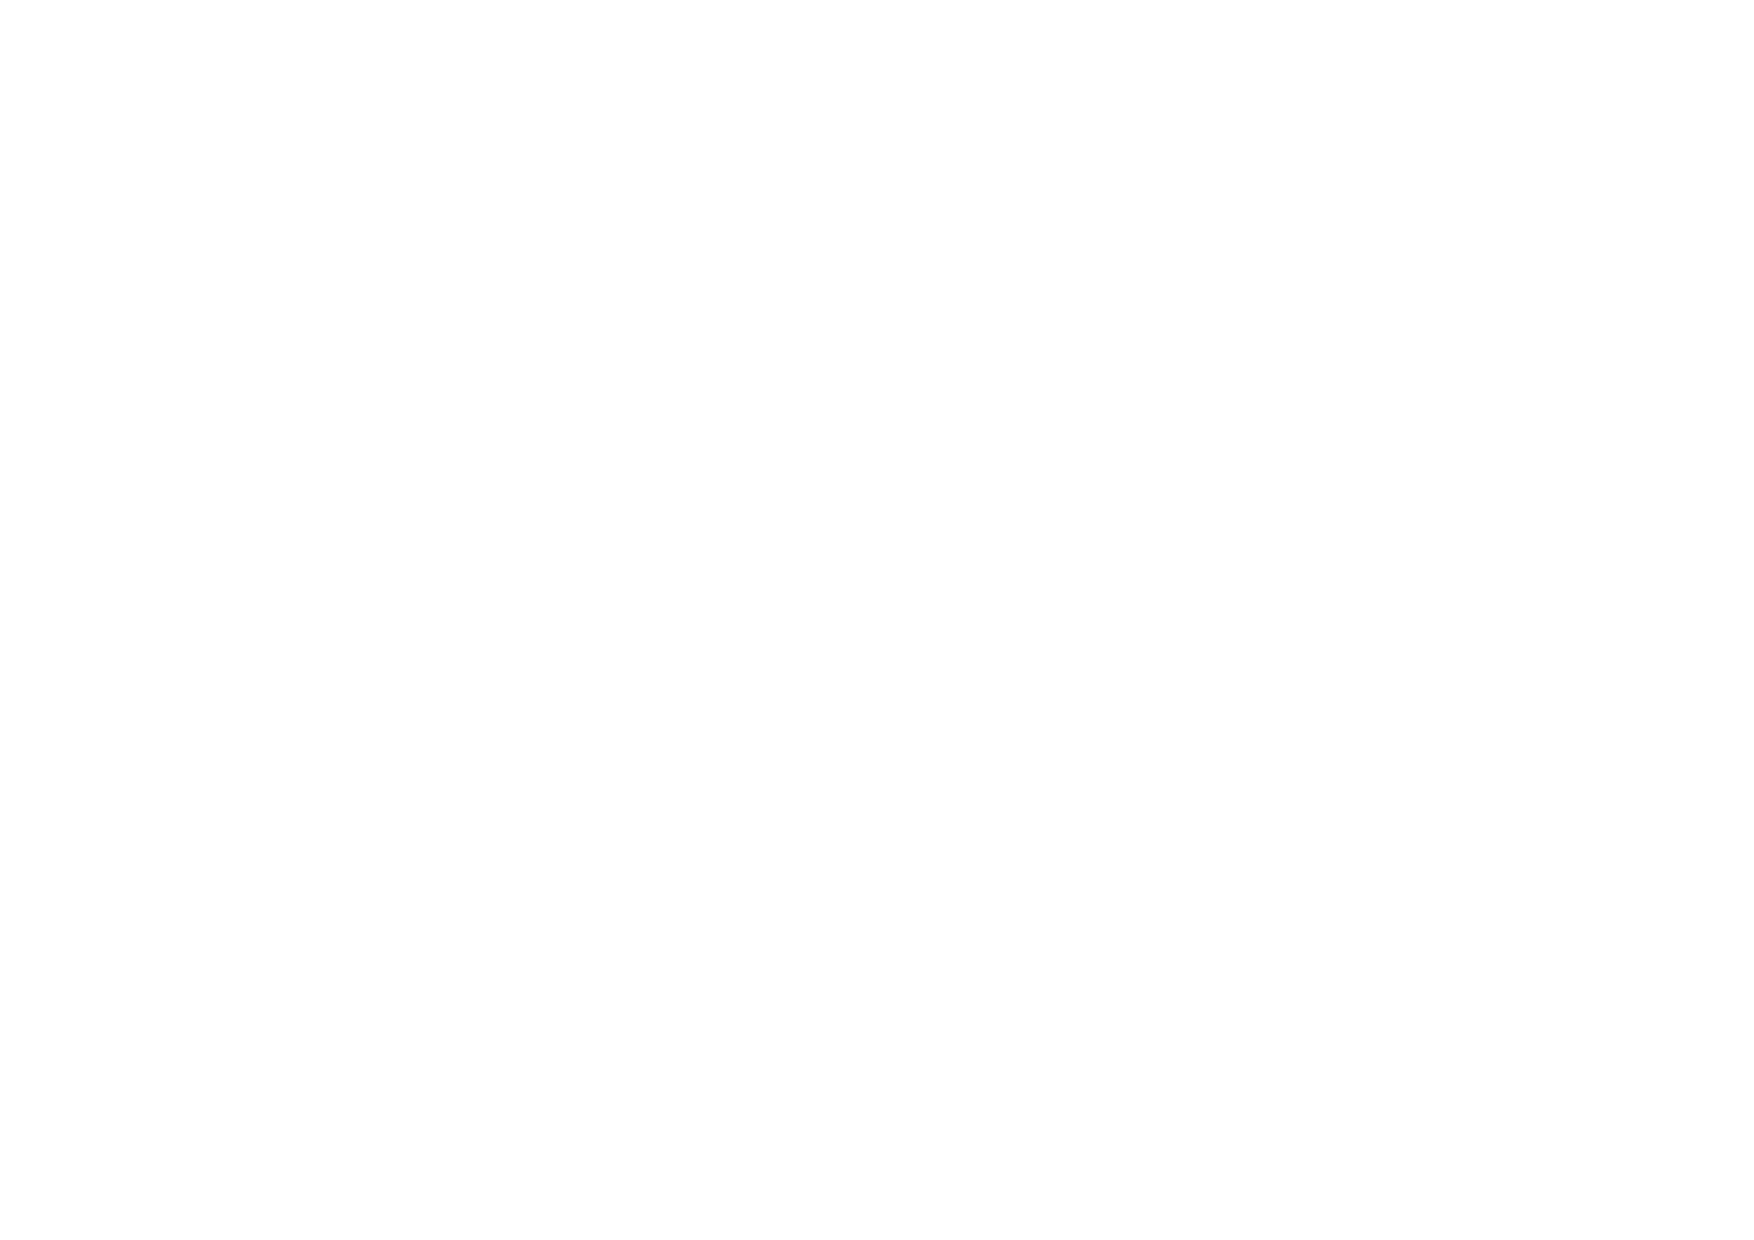 Logo & Icon for online saas based vendor management solution